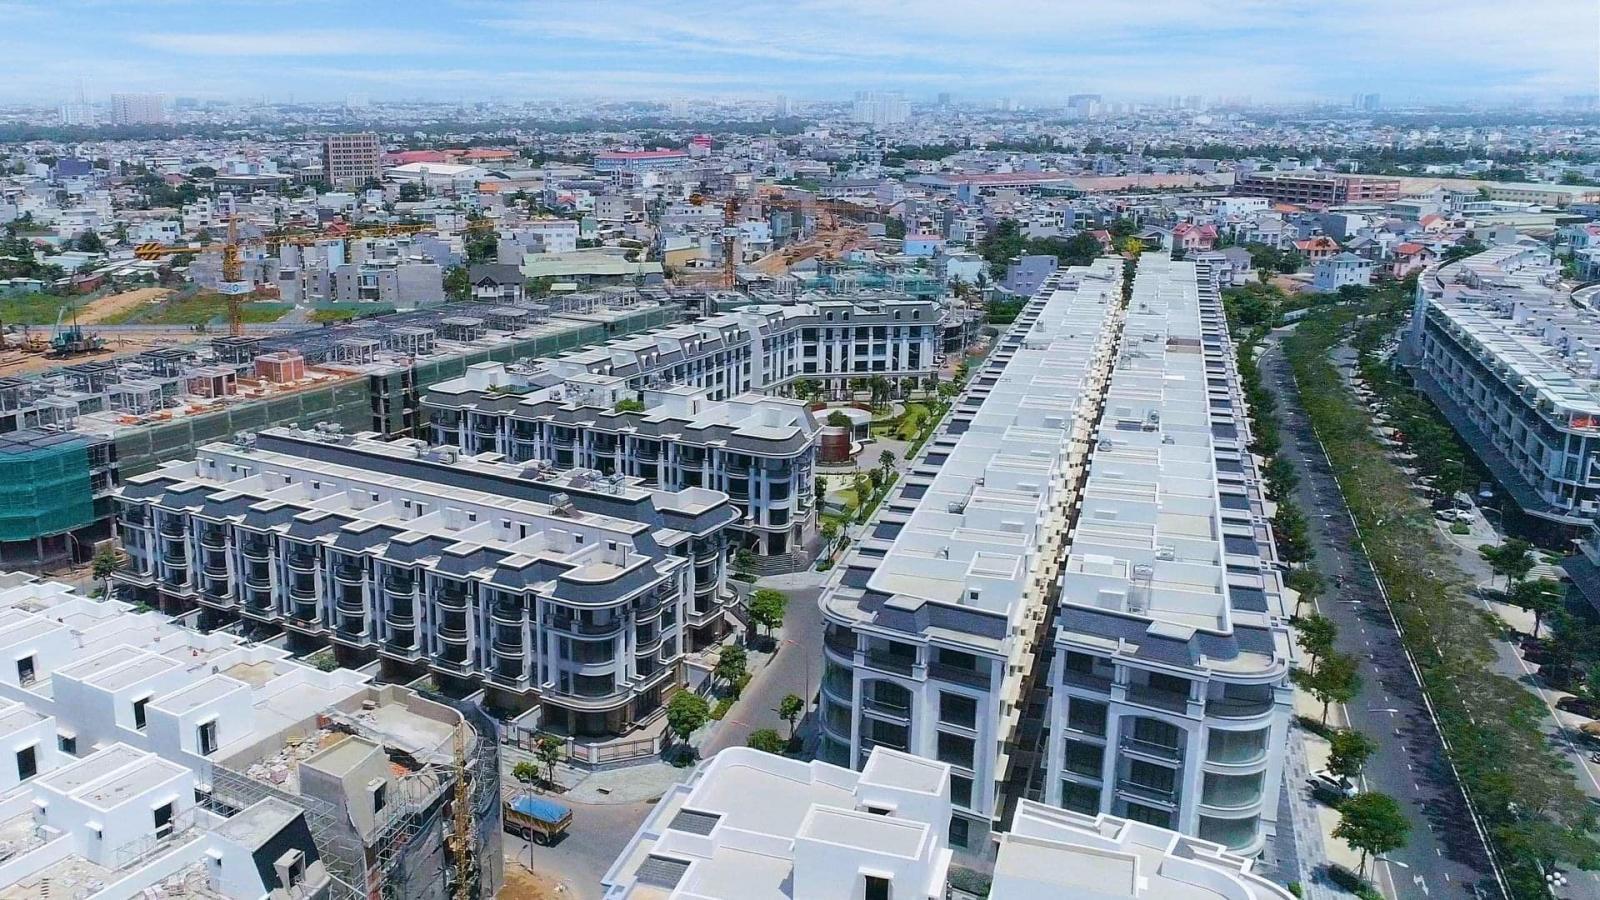 Dòng vốn đầu tư sẽ tìm đường vào bất động sản sau đại dịch Covid-19